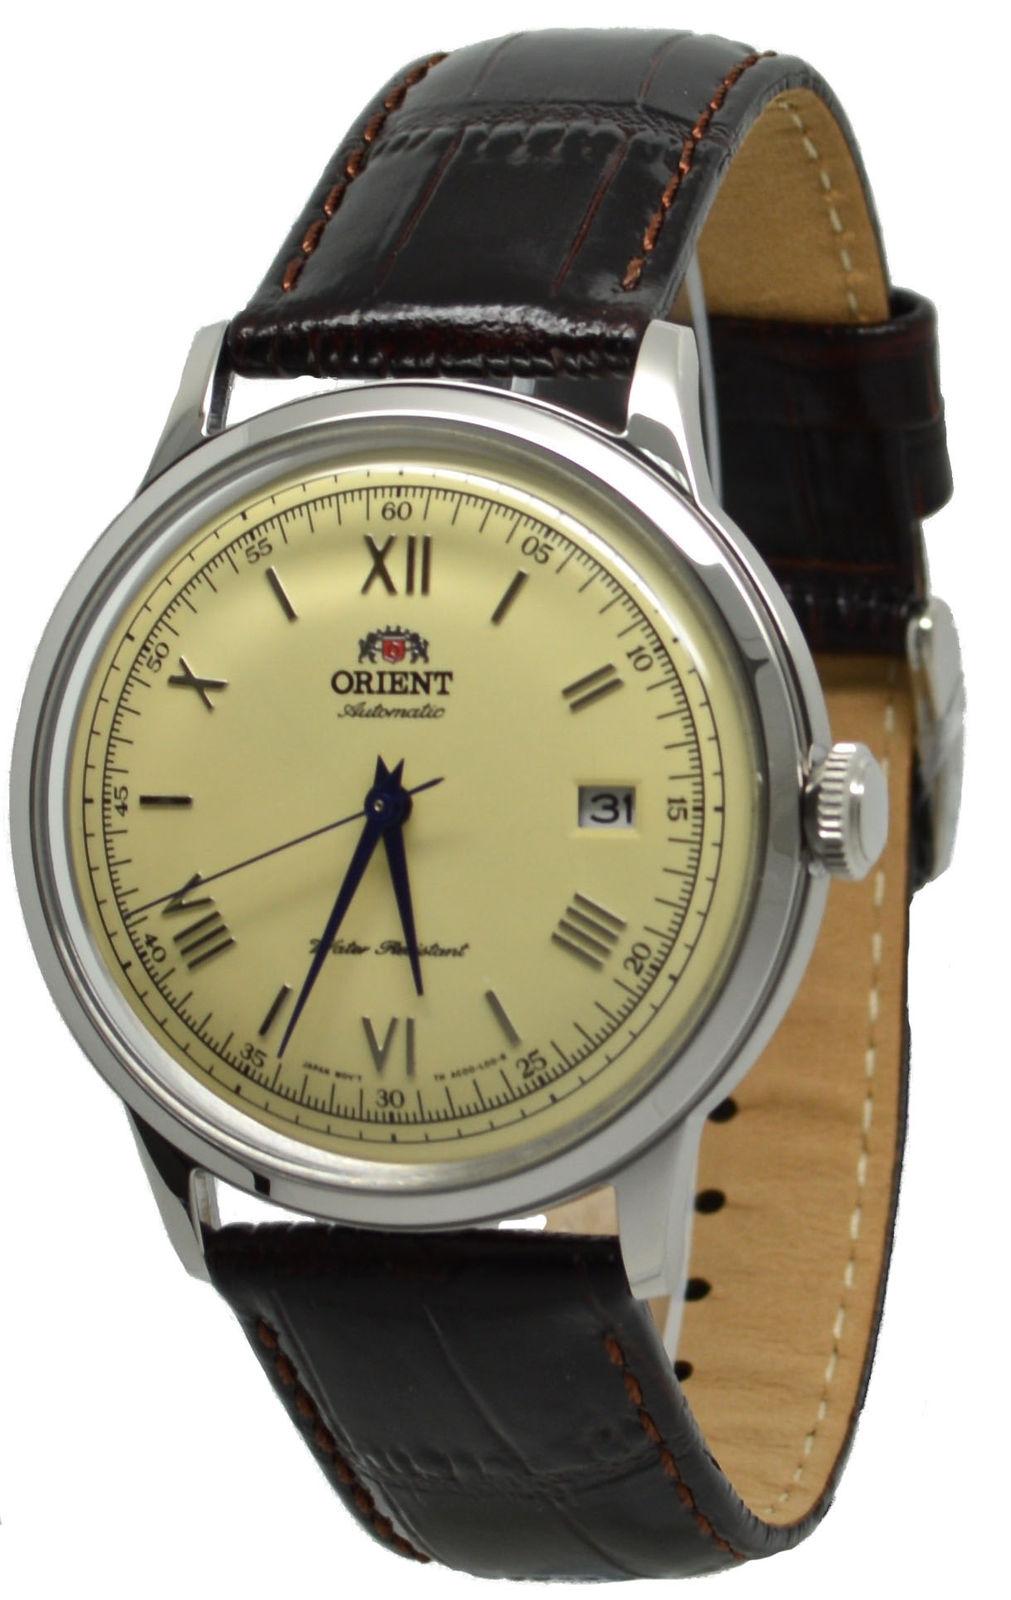 นาฬิกาผู้ชาย Orient รุ่น FAC00009N0, 2nd Generation Bambino Classic Automatic